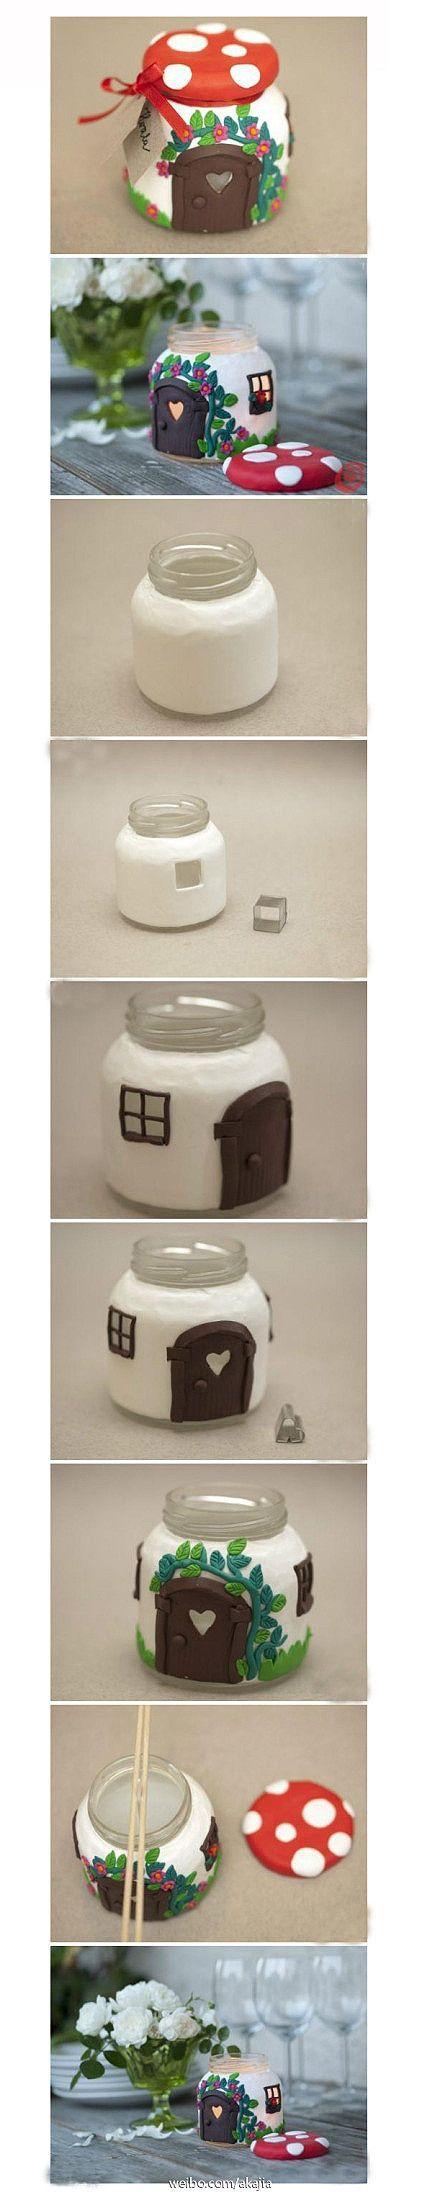 Jar mushroom house tutorial